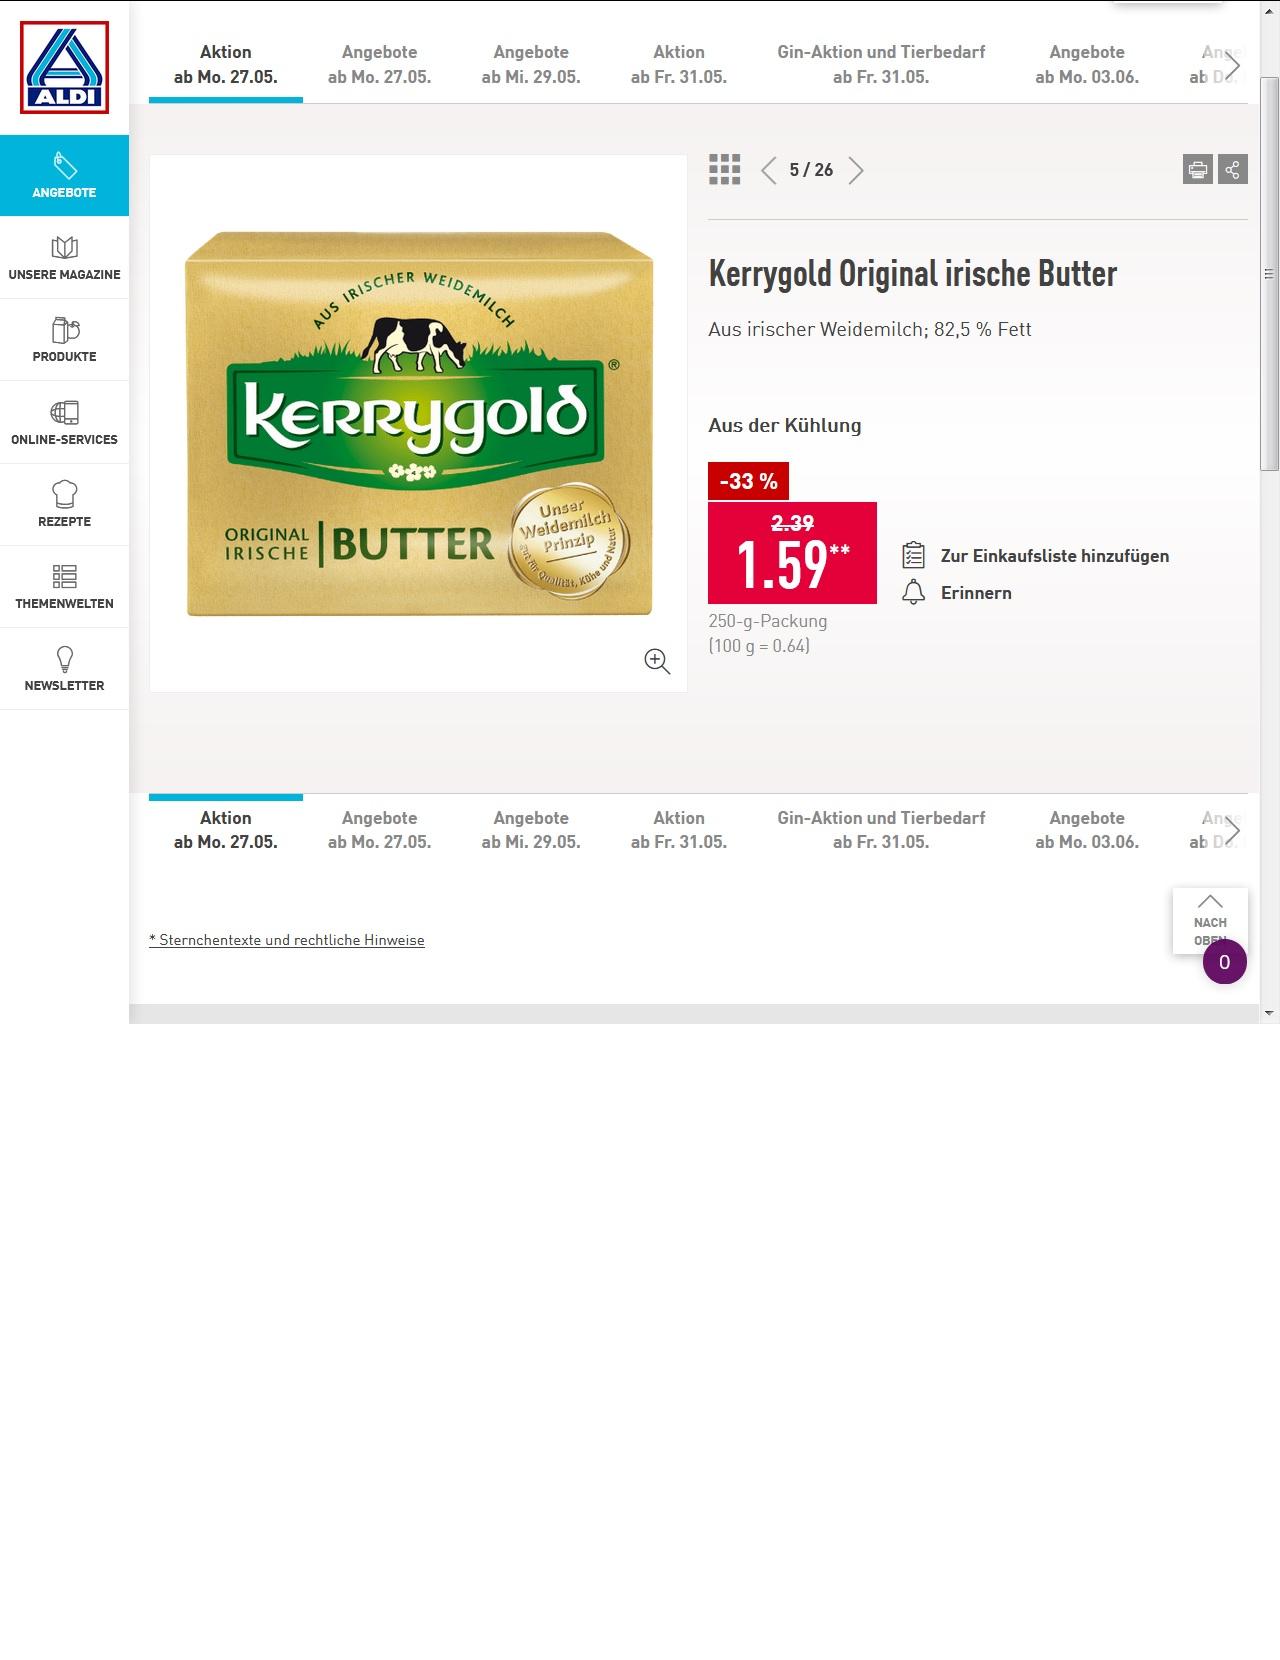 Kerrygold Original irische Butter für 1,59 Euro bei Aldi Nord